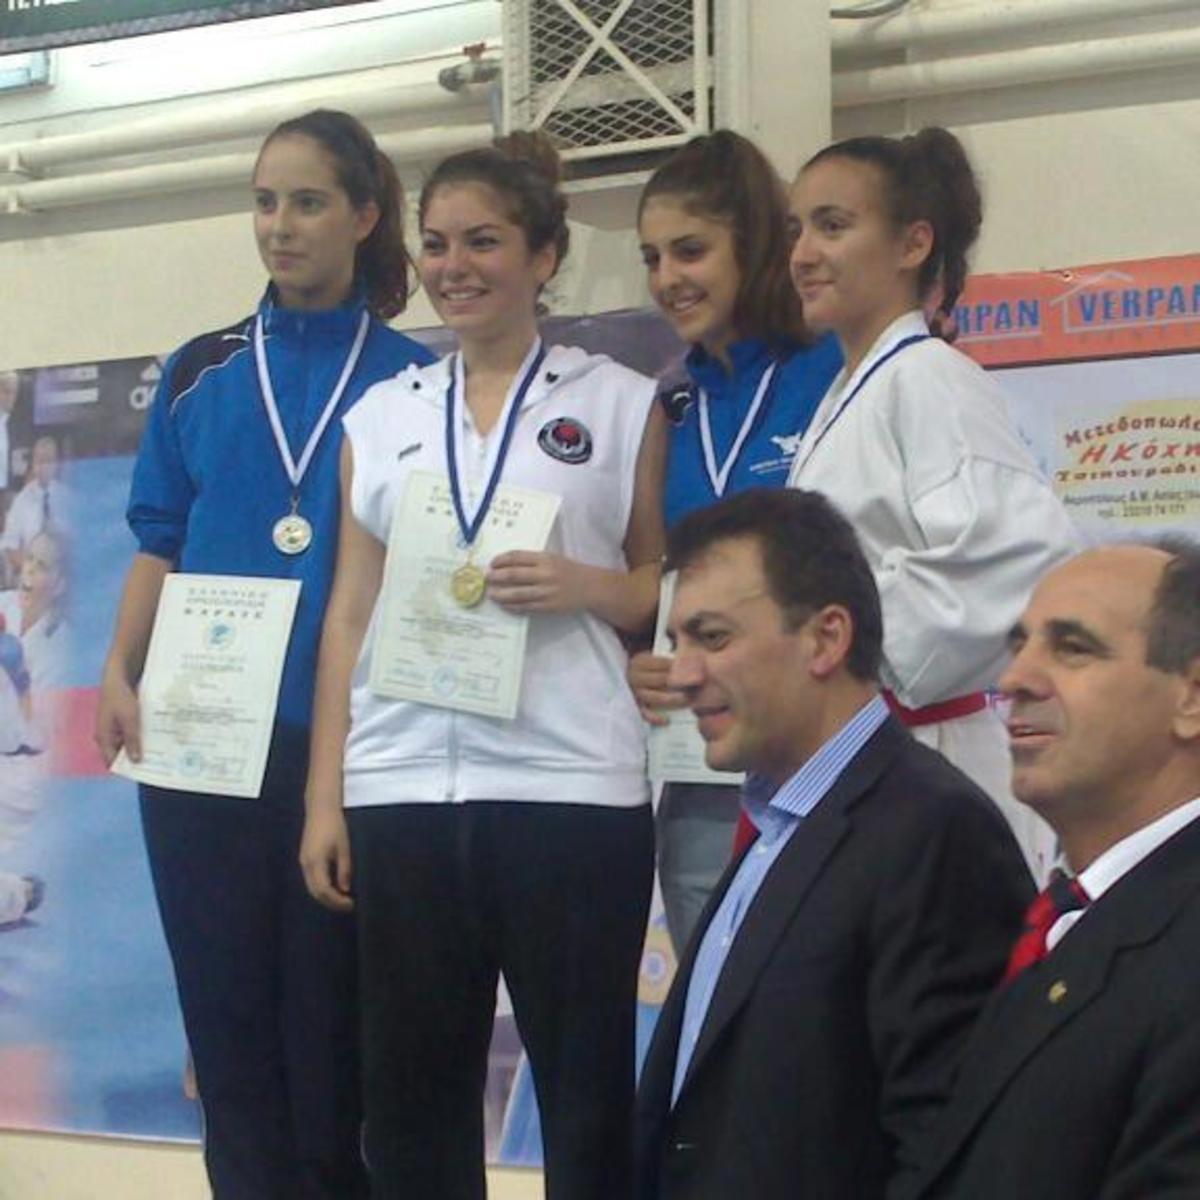 Βέροια: Πρώτη σε αγώνες καράτε, η κόρη του υπουργού Εργασίας Γ.Βρούτση!   Newsit.gr